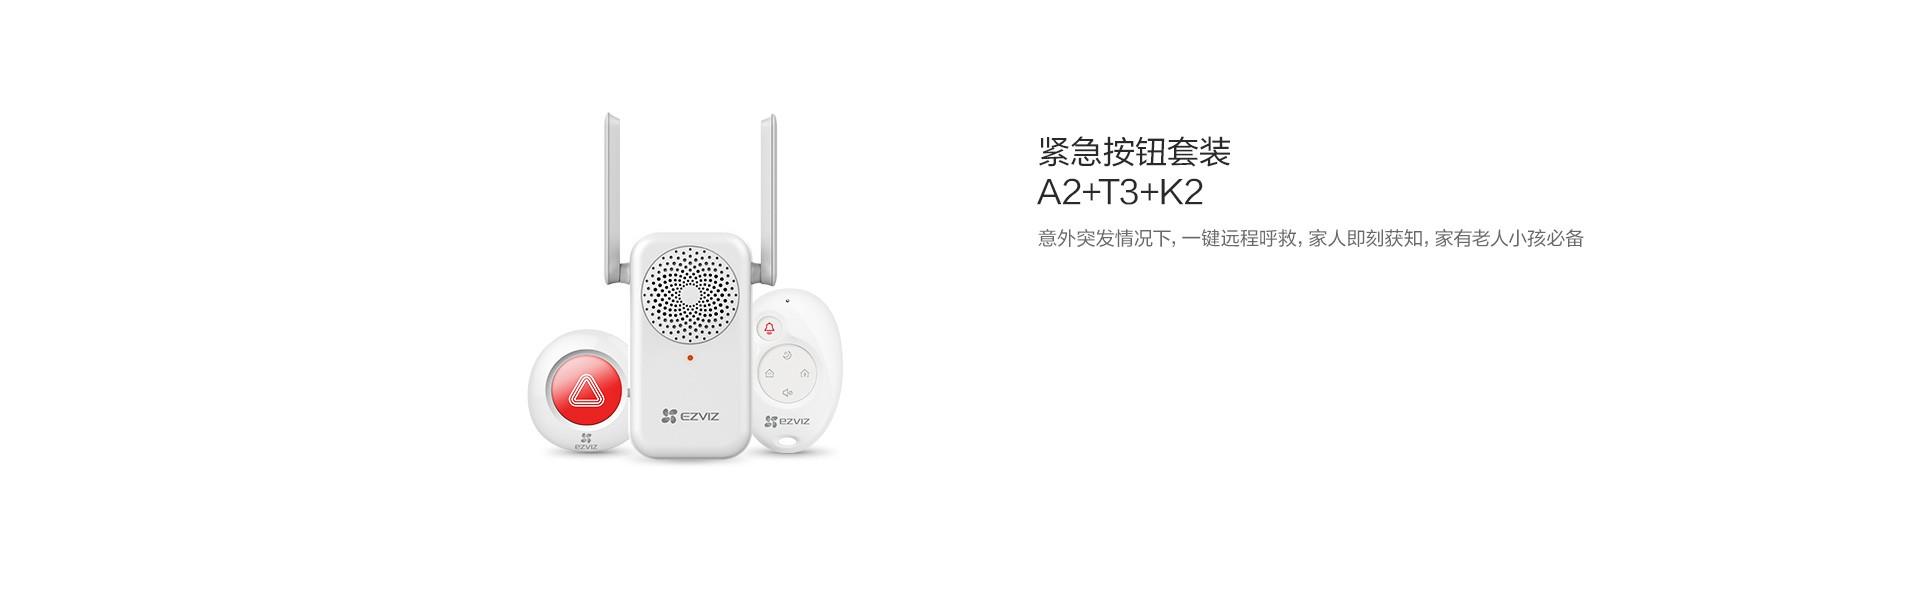 A2+T3+K2-2.jpg